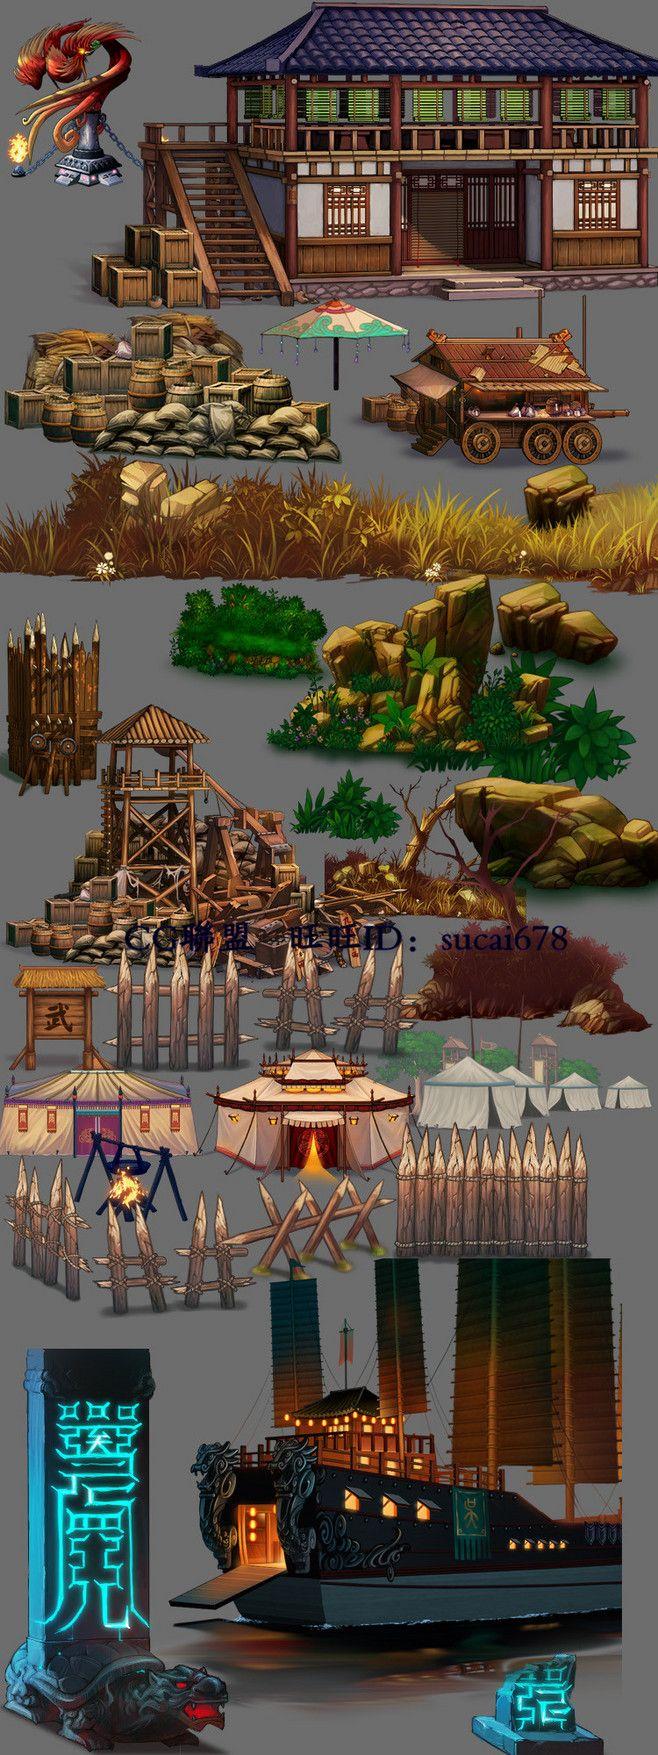 N25 게임 장면 영상 /지도 자원의 2D 가로 버전 ...